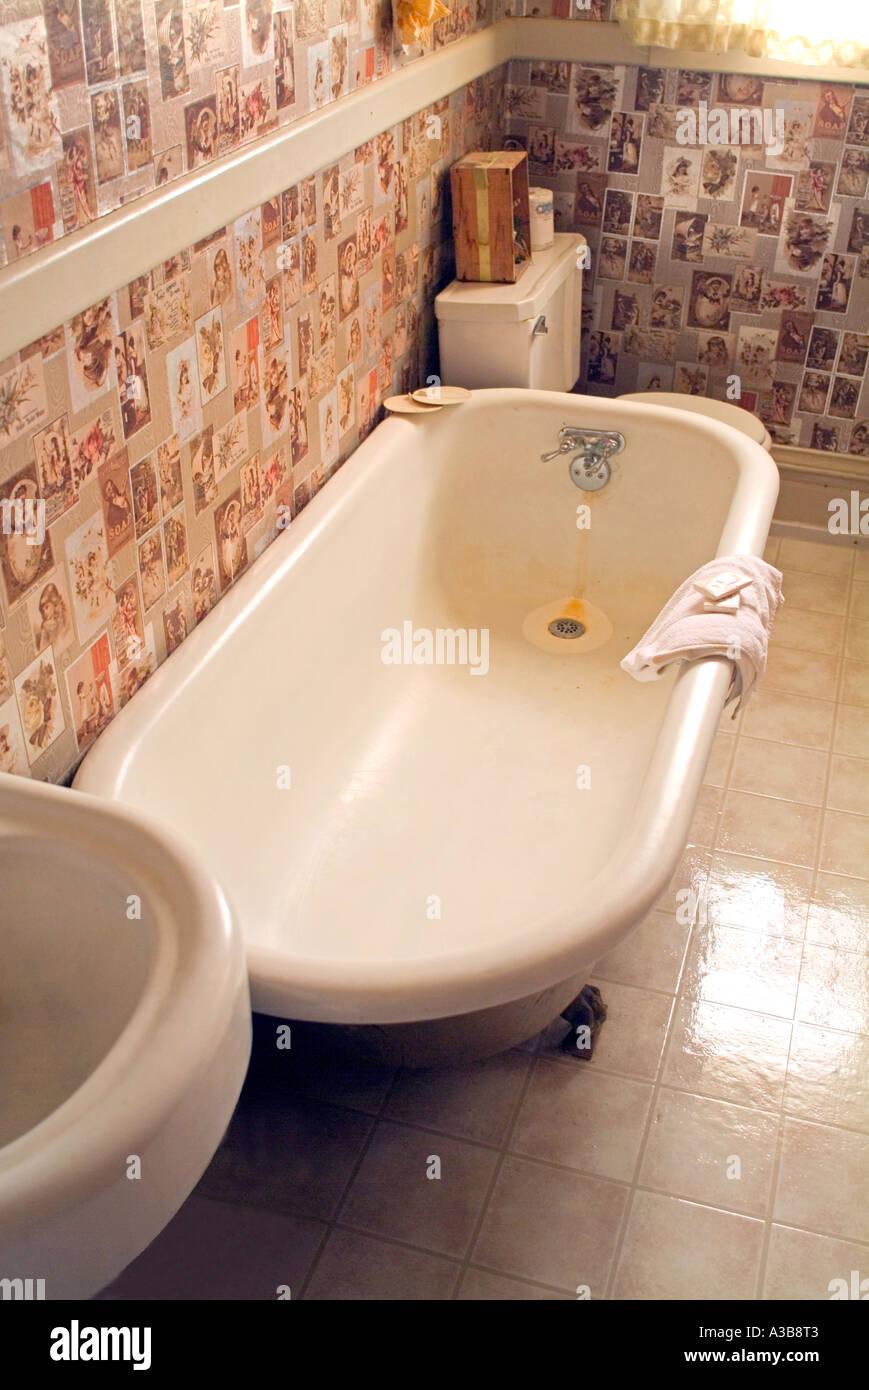 Antique claw foot bath tub Stock Photo: 6132098 - Alamy